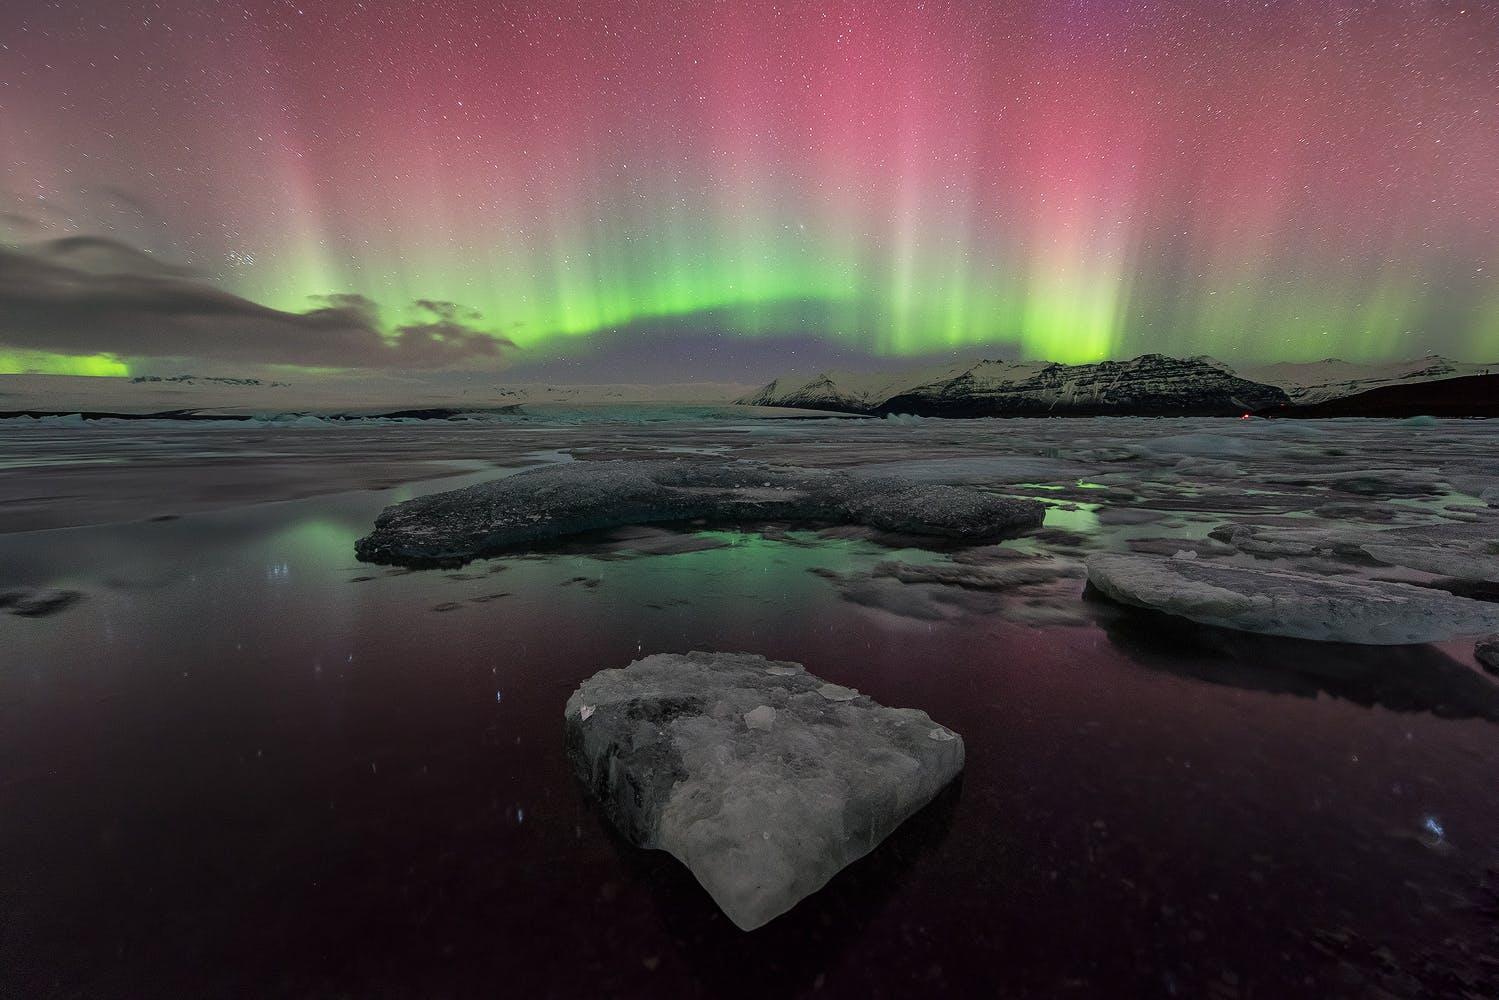 杰古沙龙冰河湖是冰岛最深的湖泊